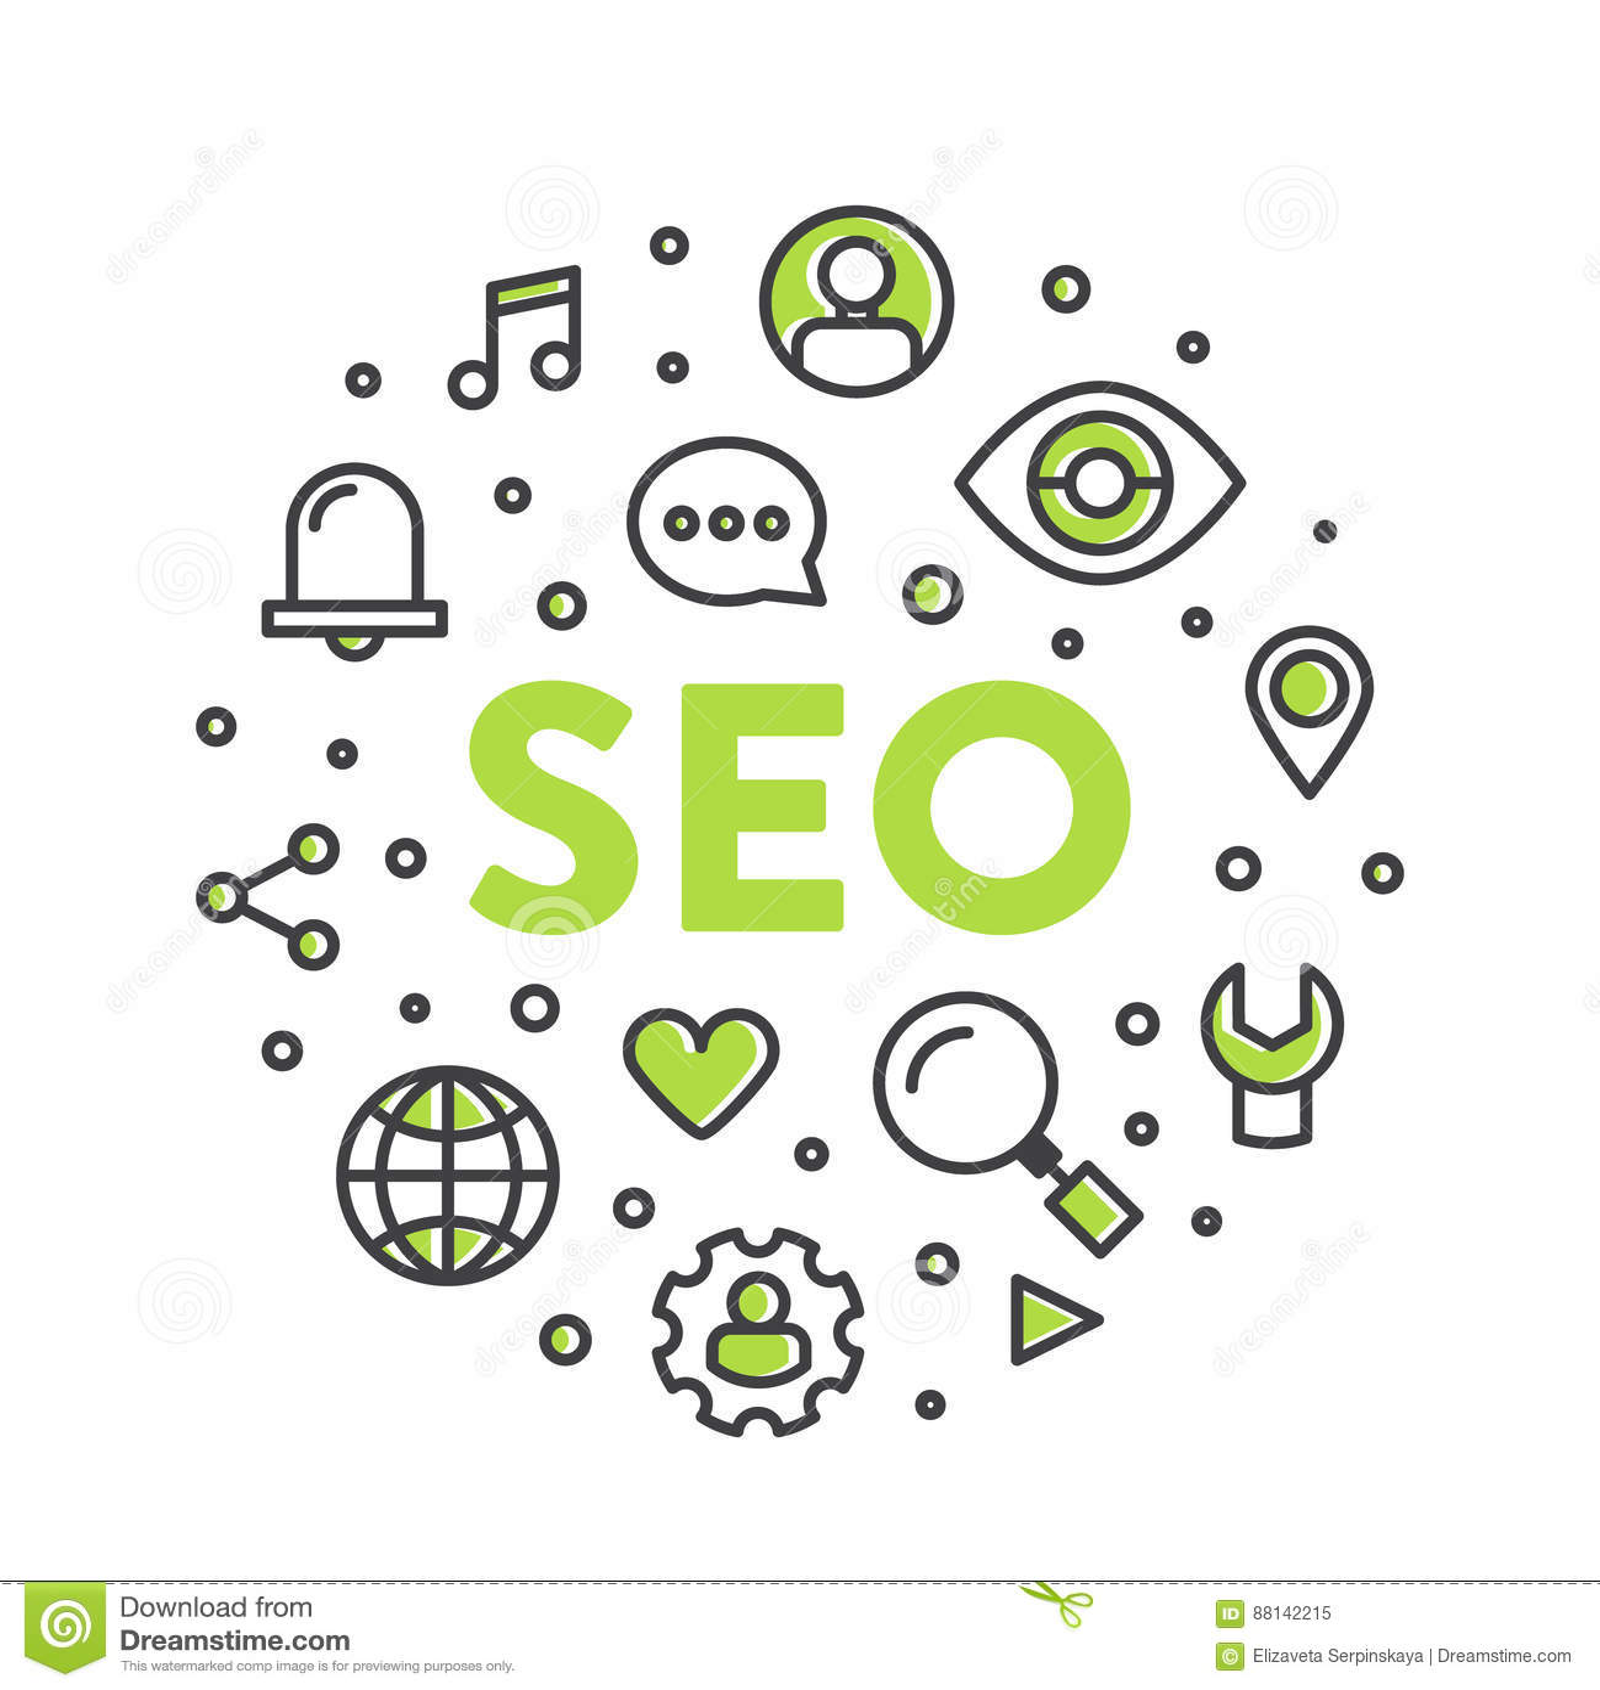 Illustrazione Logo Concept di SEO Search Engine Optimization Process